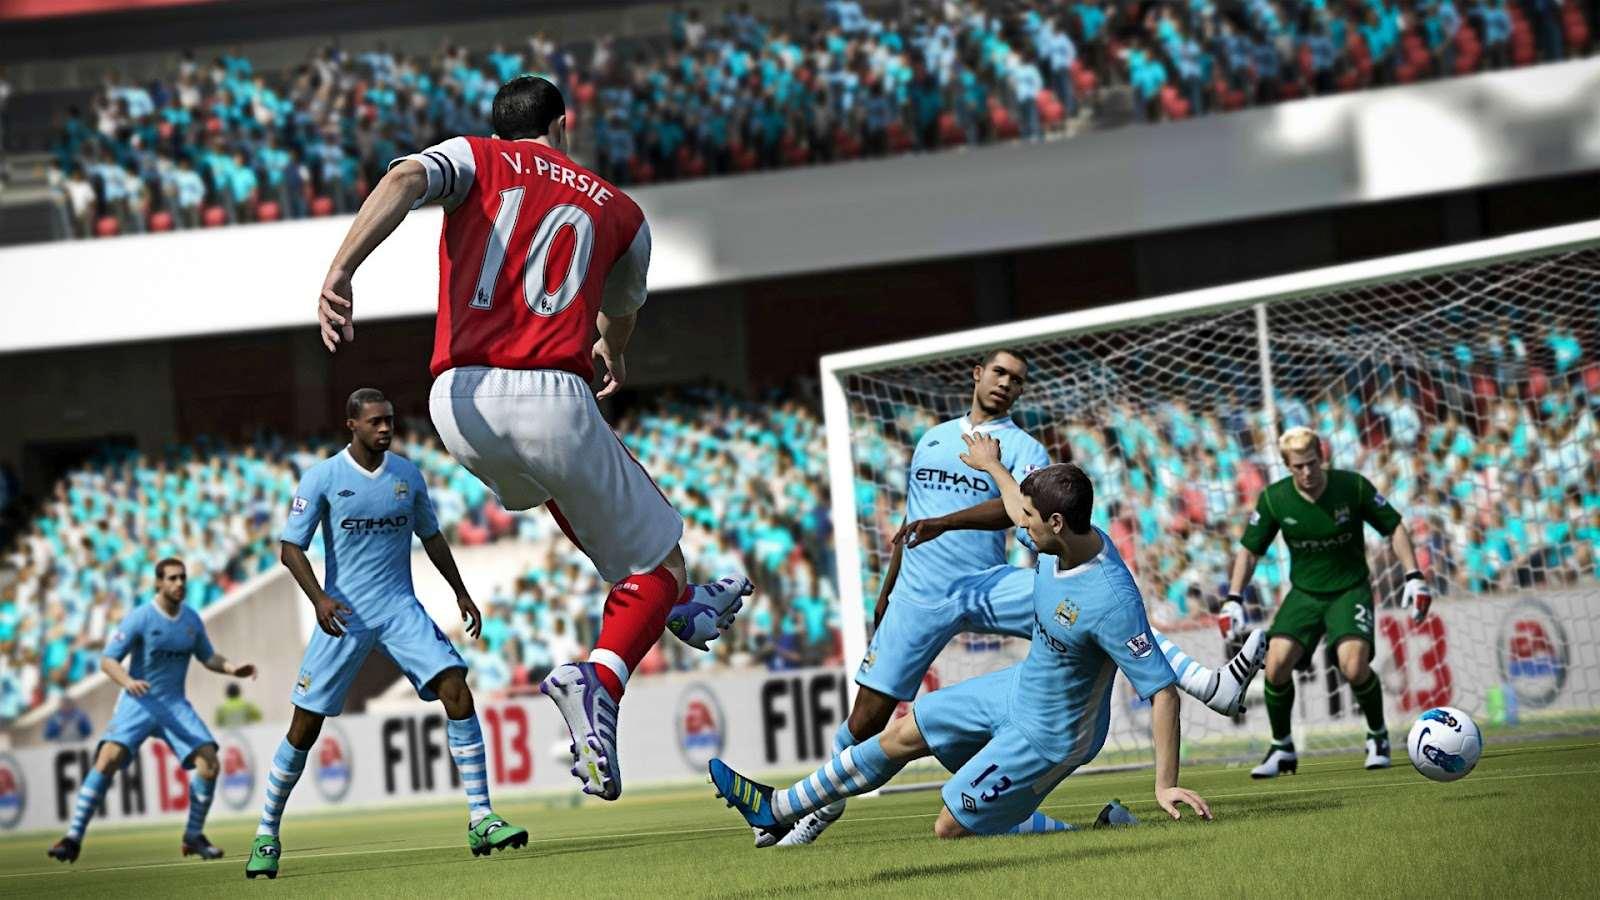 تنزيل لعبة فيفا 13 للكمبيوتر Fifa 2013 كاملة برابط مباشر FIFA-2013-PC1.jpg